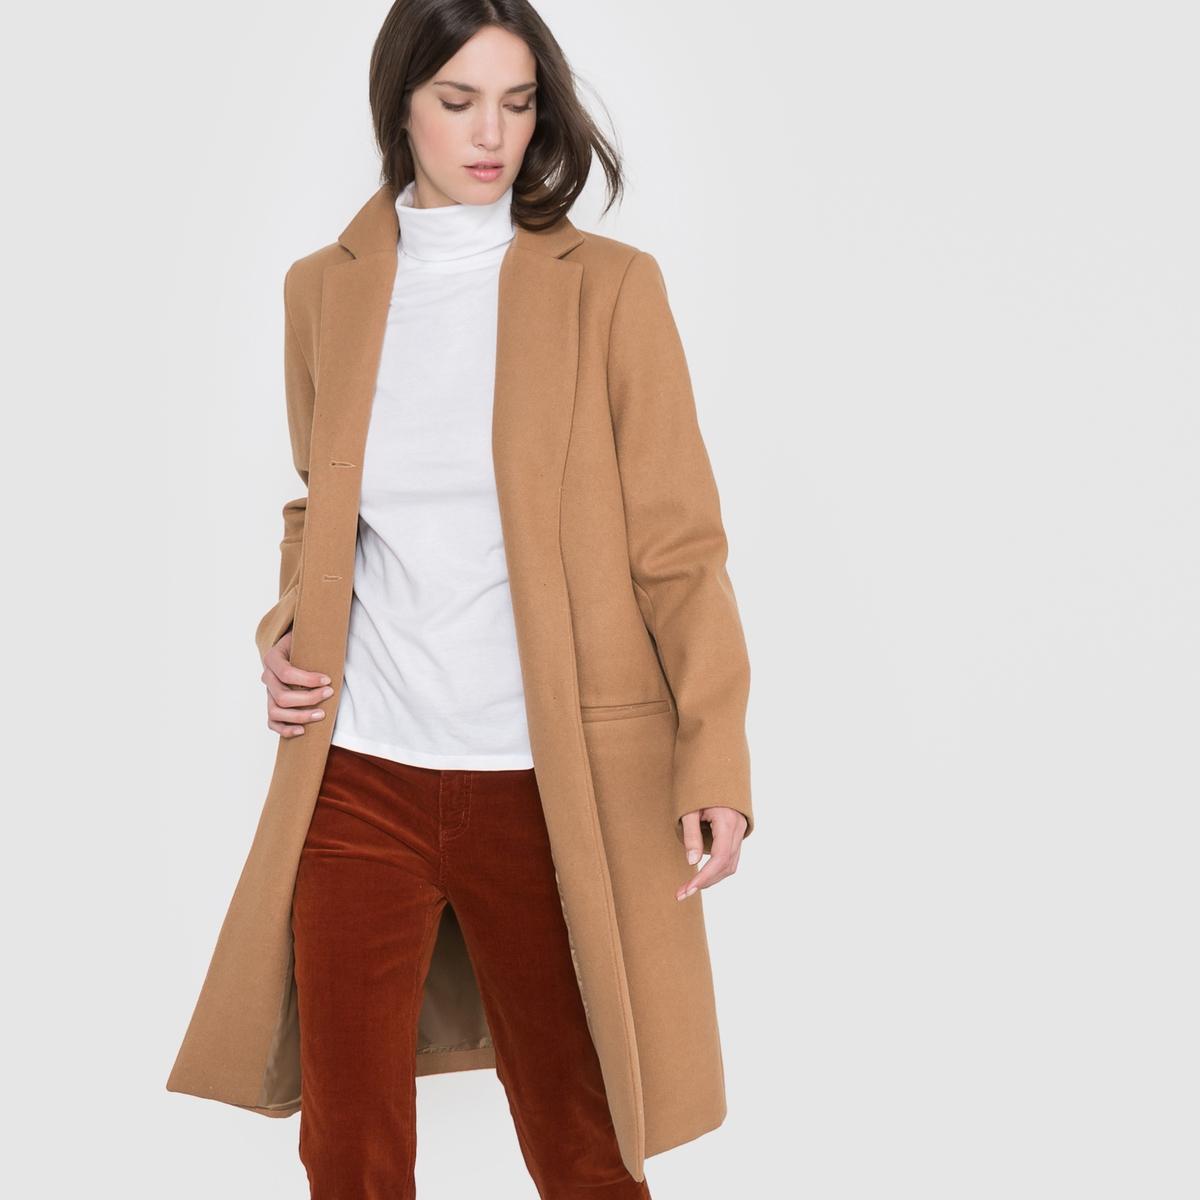 Пальто длинное, 60% шерстиДлинное пальто с английским воротником. 2 накладных кармана по бокам. Застежка на пуговицы.              Длина 98,5 см.                                          Состав и описание            Материал: 60%  шерсти, 40% полиэстера.           Подкладка: 100% полиэстера.              Марка:                                     R essentiel.                                   Уход                                                                        Стирка: Сухая чистка.<br><br>Цвет: синий морской,темно-бежевый<br>Размер: 44 (FR) - 50 (RUS).46 (FR) - 52 (RUS).42 (FR) - 48 (RUS).48 (FR) - 54 (RUS).38 (FR) - 44 (RUS)